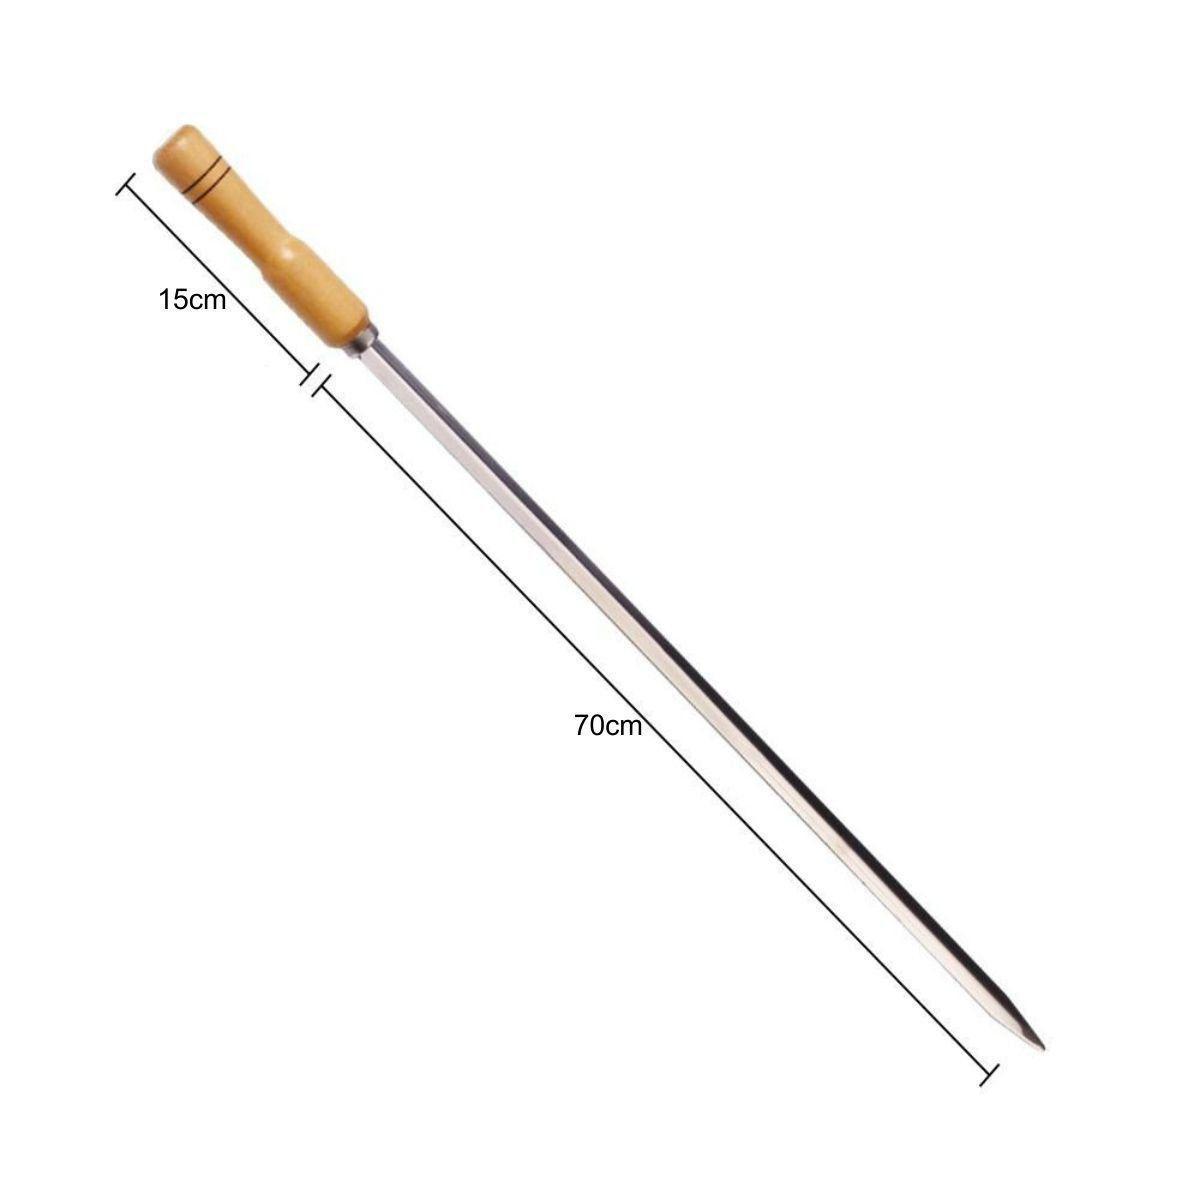 Kit Conjunto 4 Espetos Para Churrasco Aço Inox 70cm